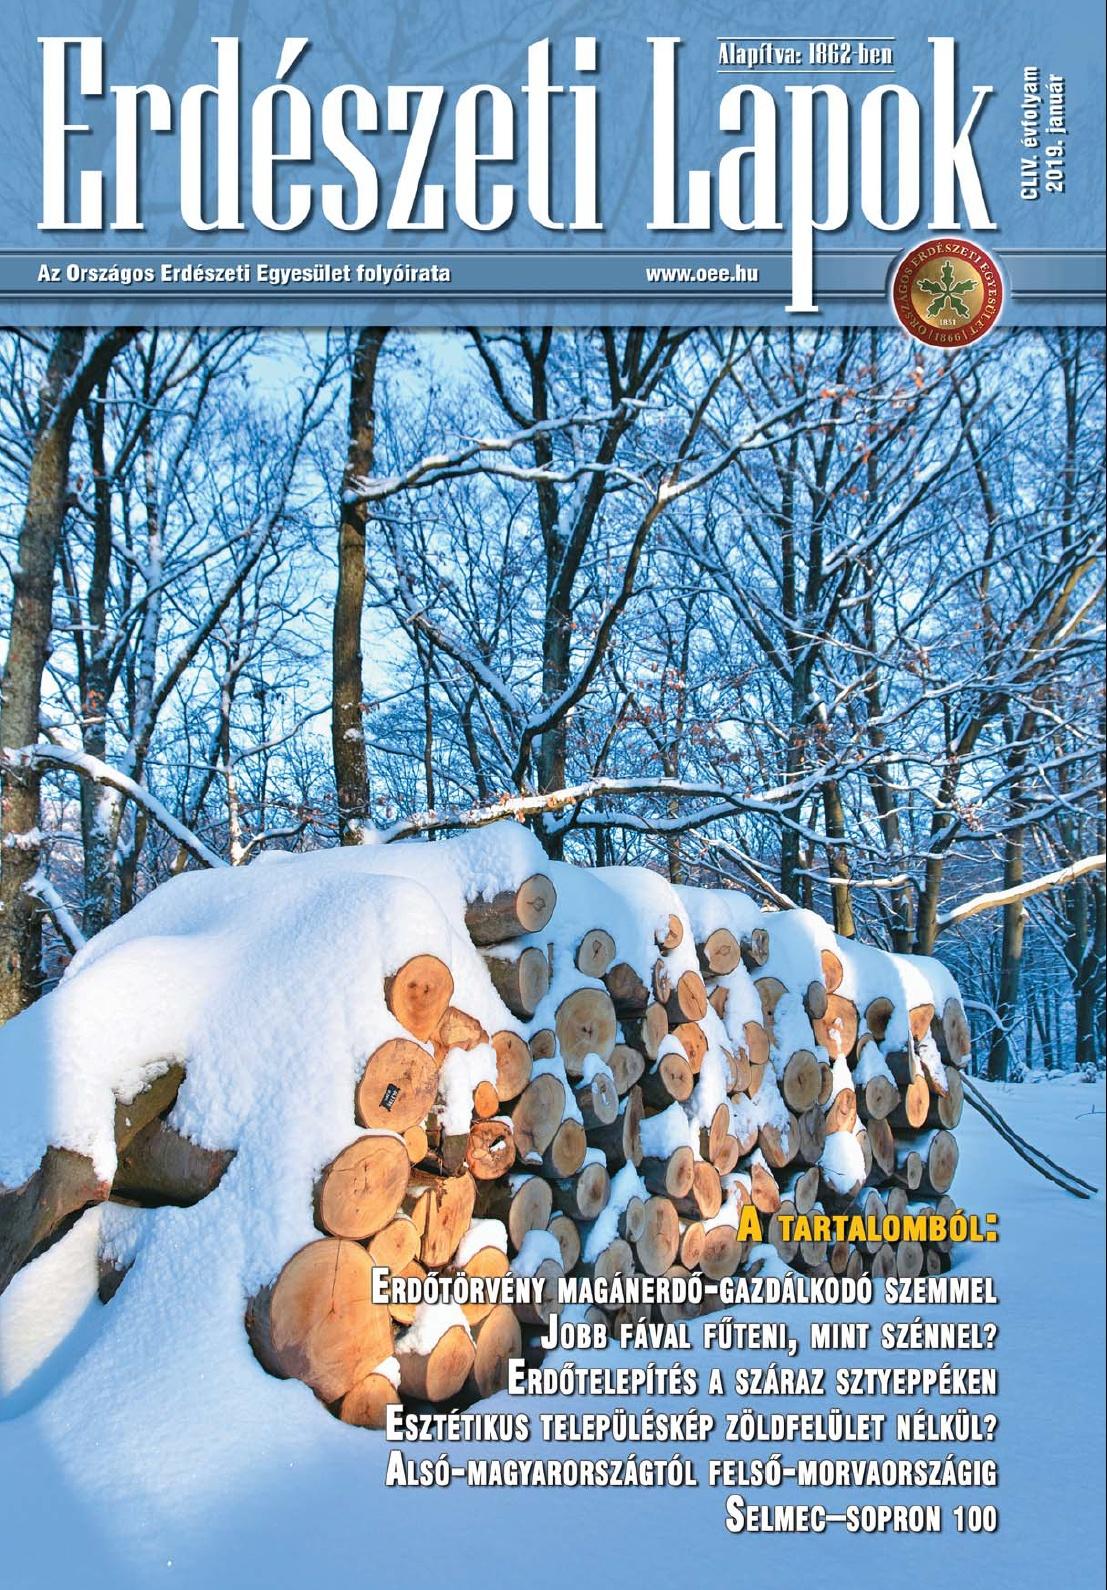 Erdészeti Lapok - 154. évfolyam - 2019. január